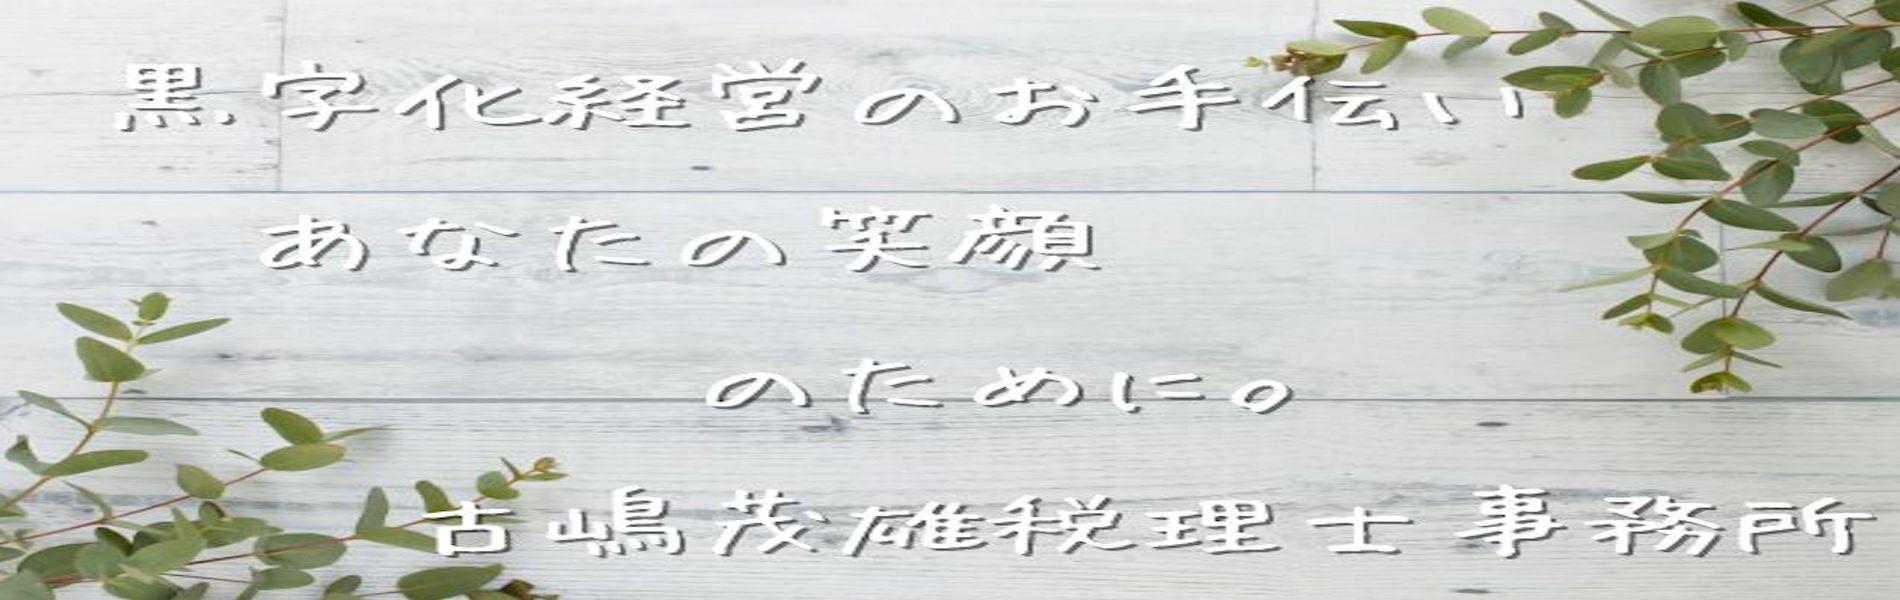 黒字化経営のお手伝い 古嶋茂雄税理士事務所